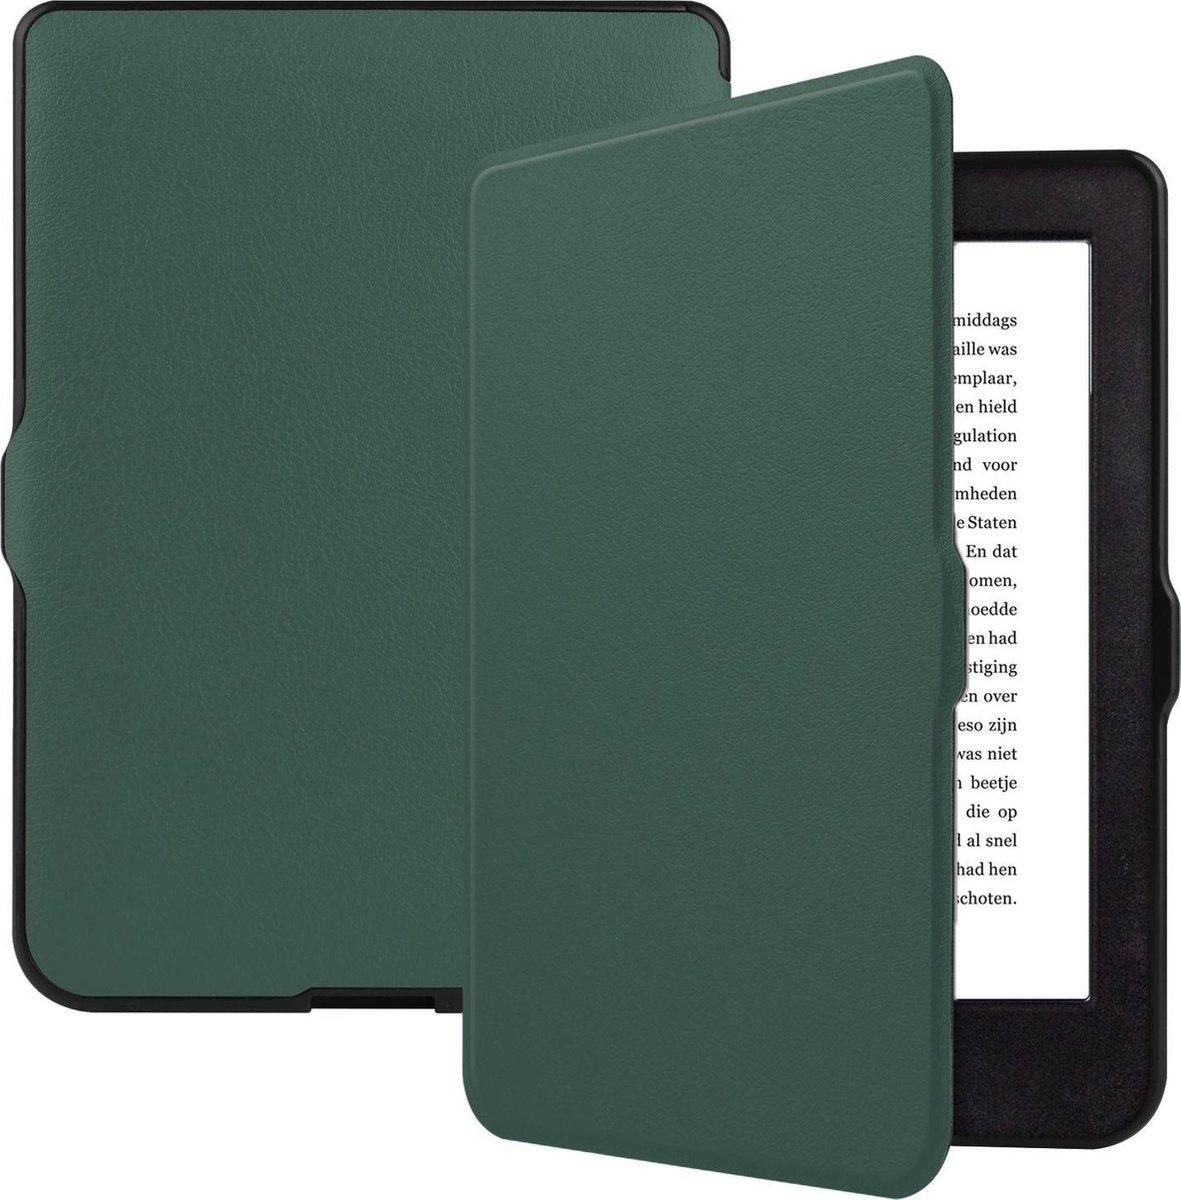 Kobo Nia Hoesje Bescherm Hoes Sleep Cover Luxe Case - Donker Groen